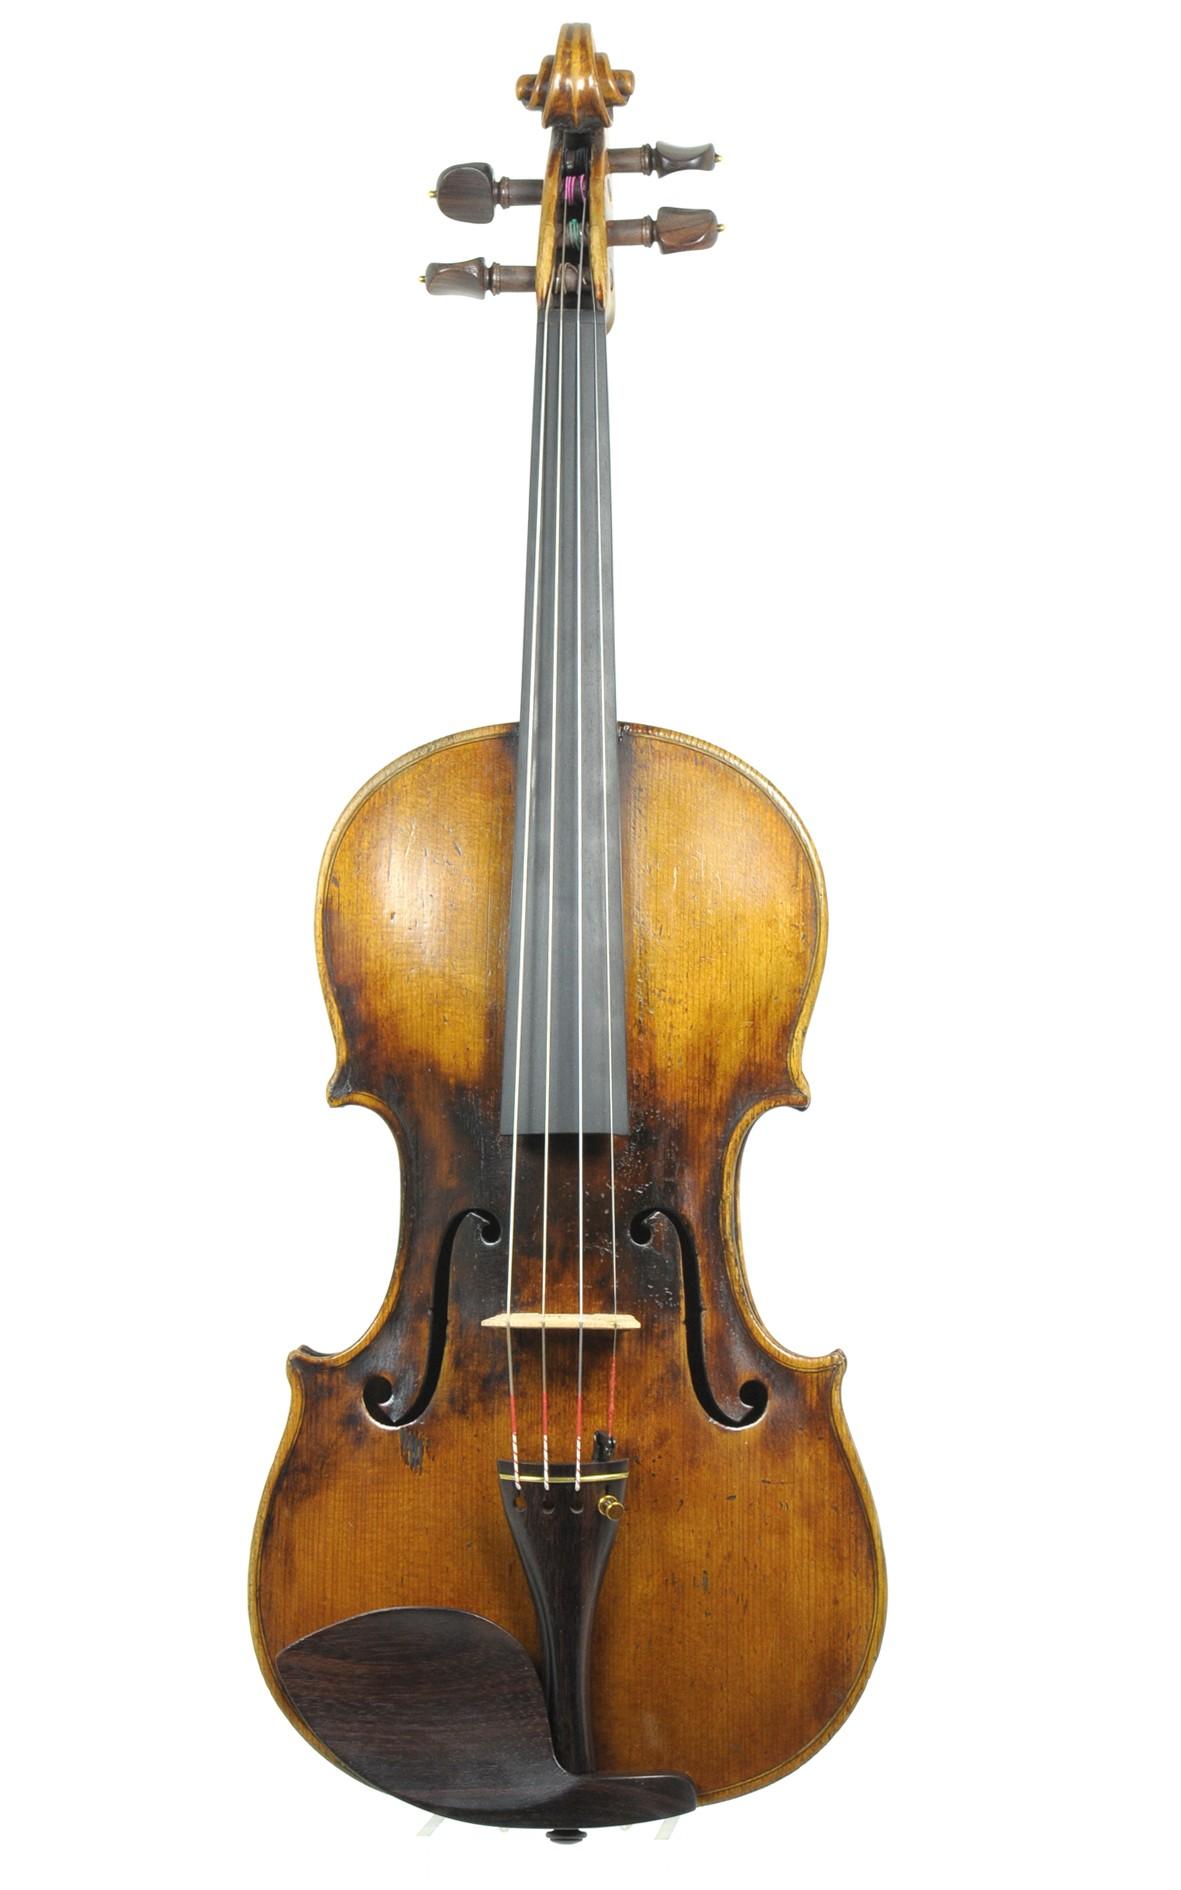 Antique violin, Hermann Meinel - top